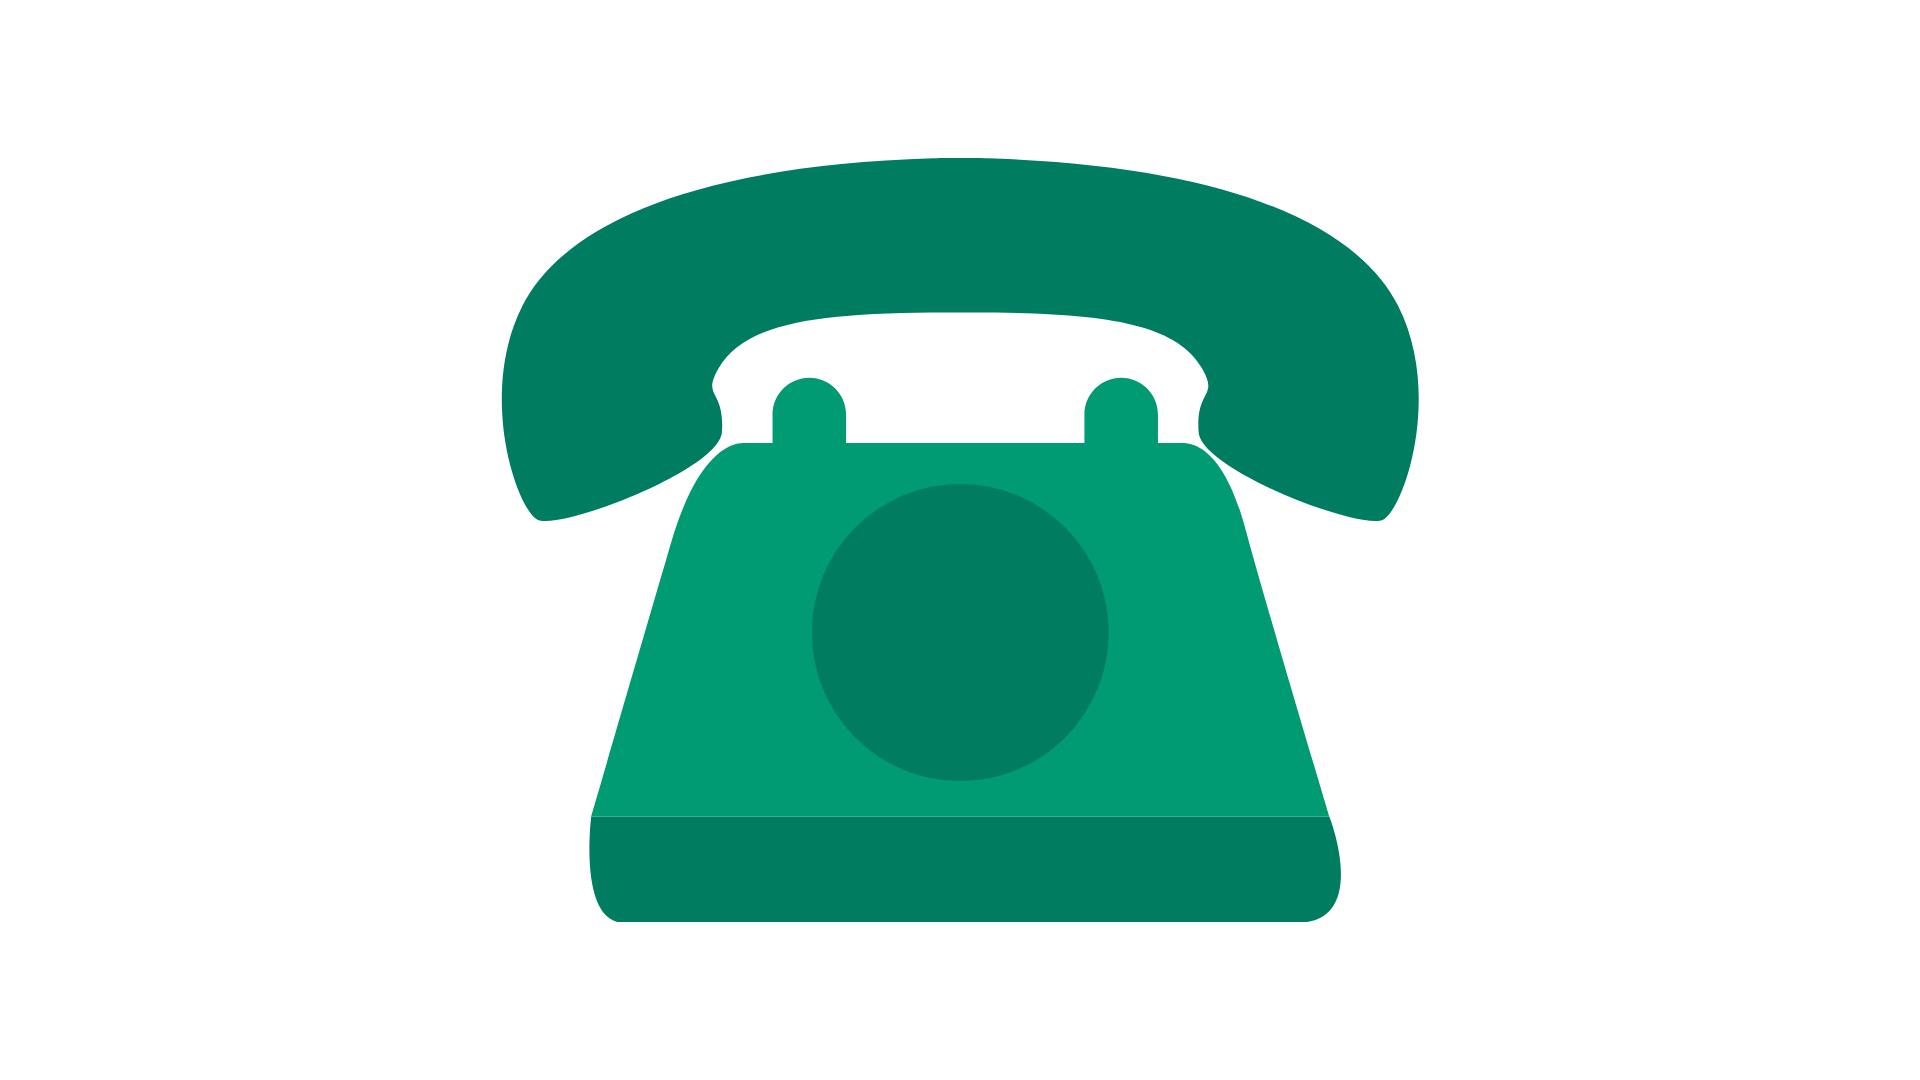 Telefonische Erreichbarkeit am 29.08.2020